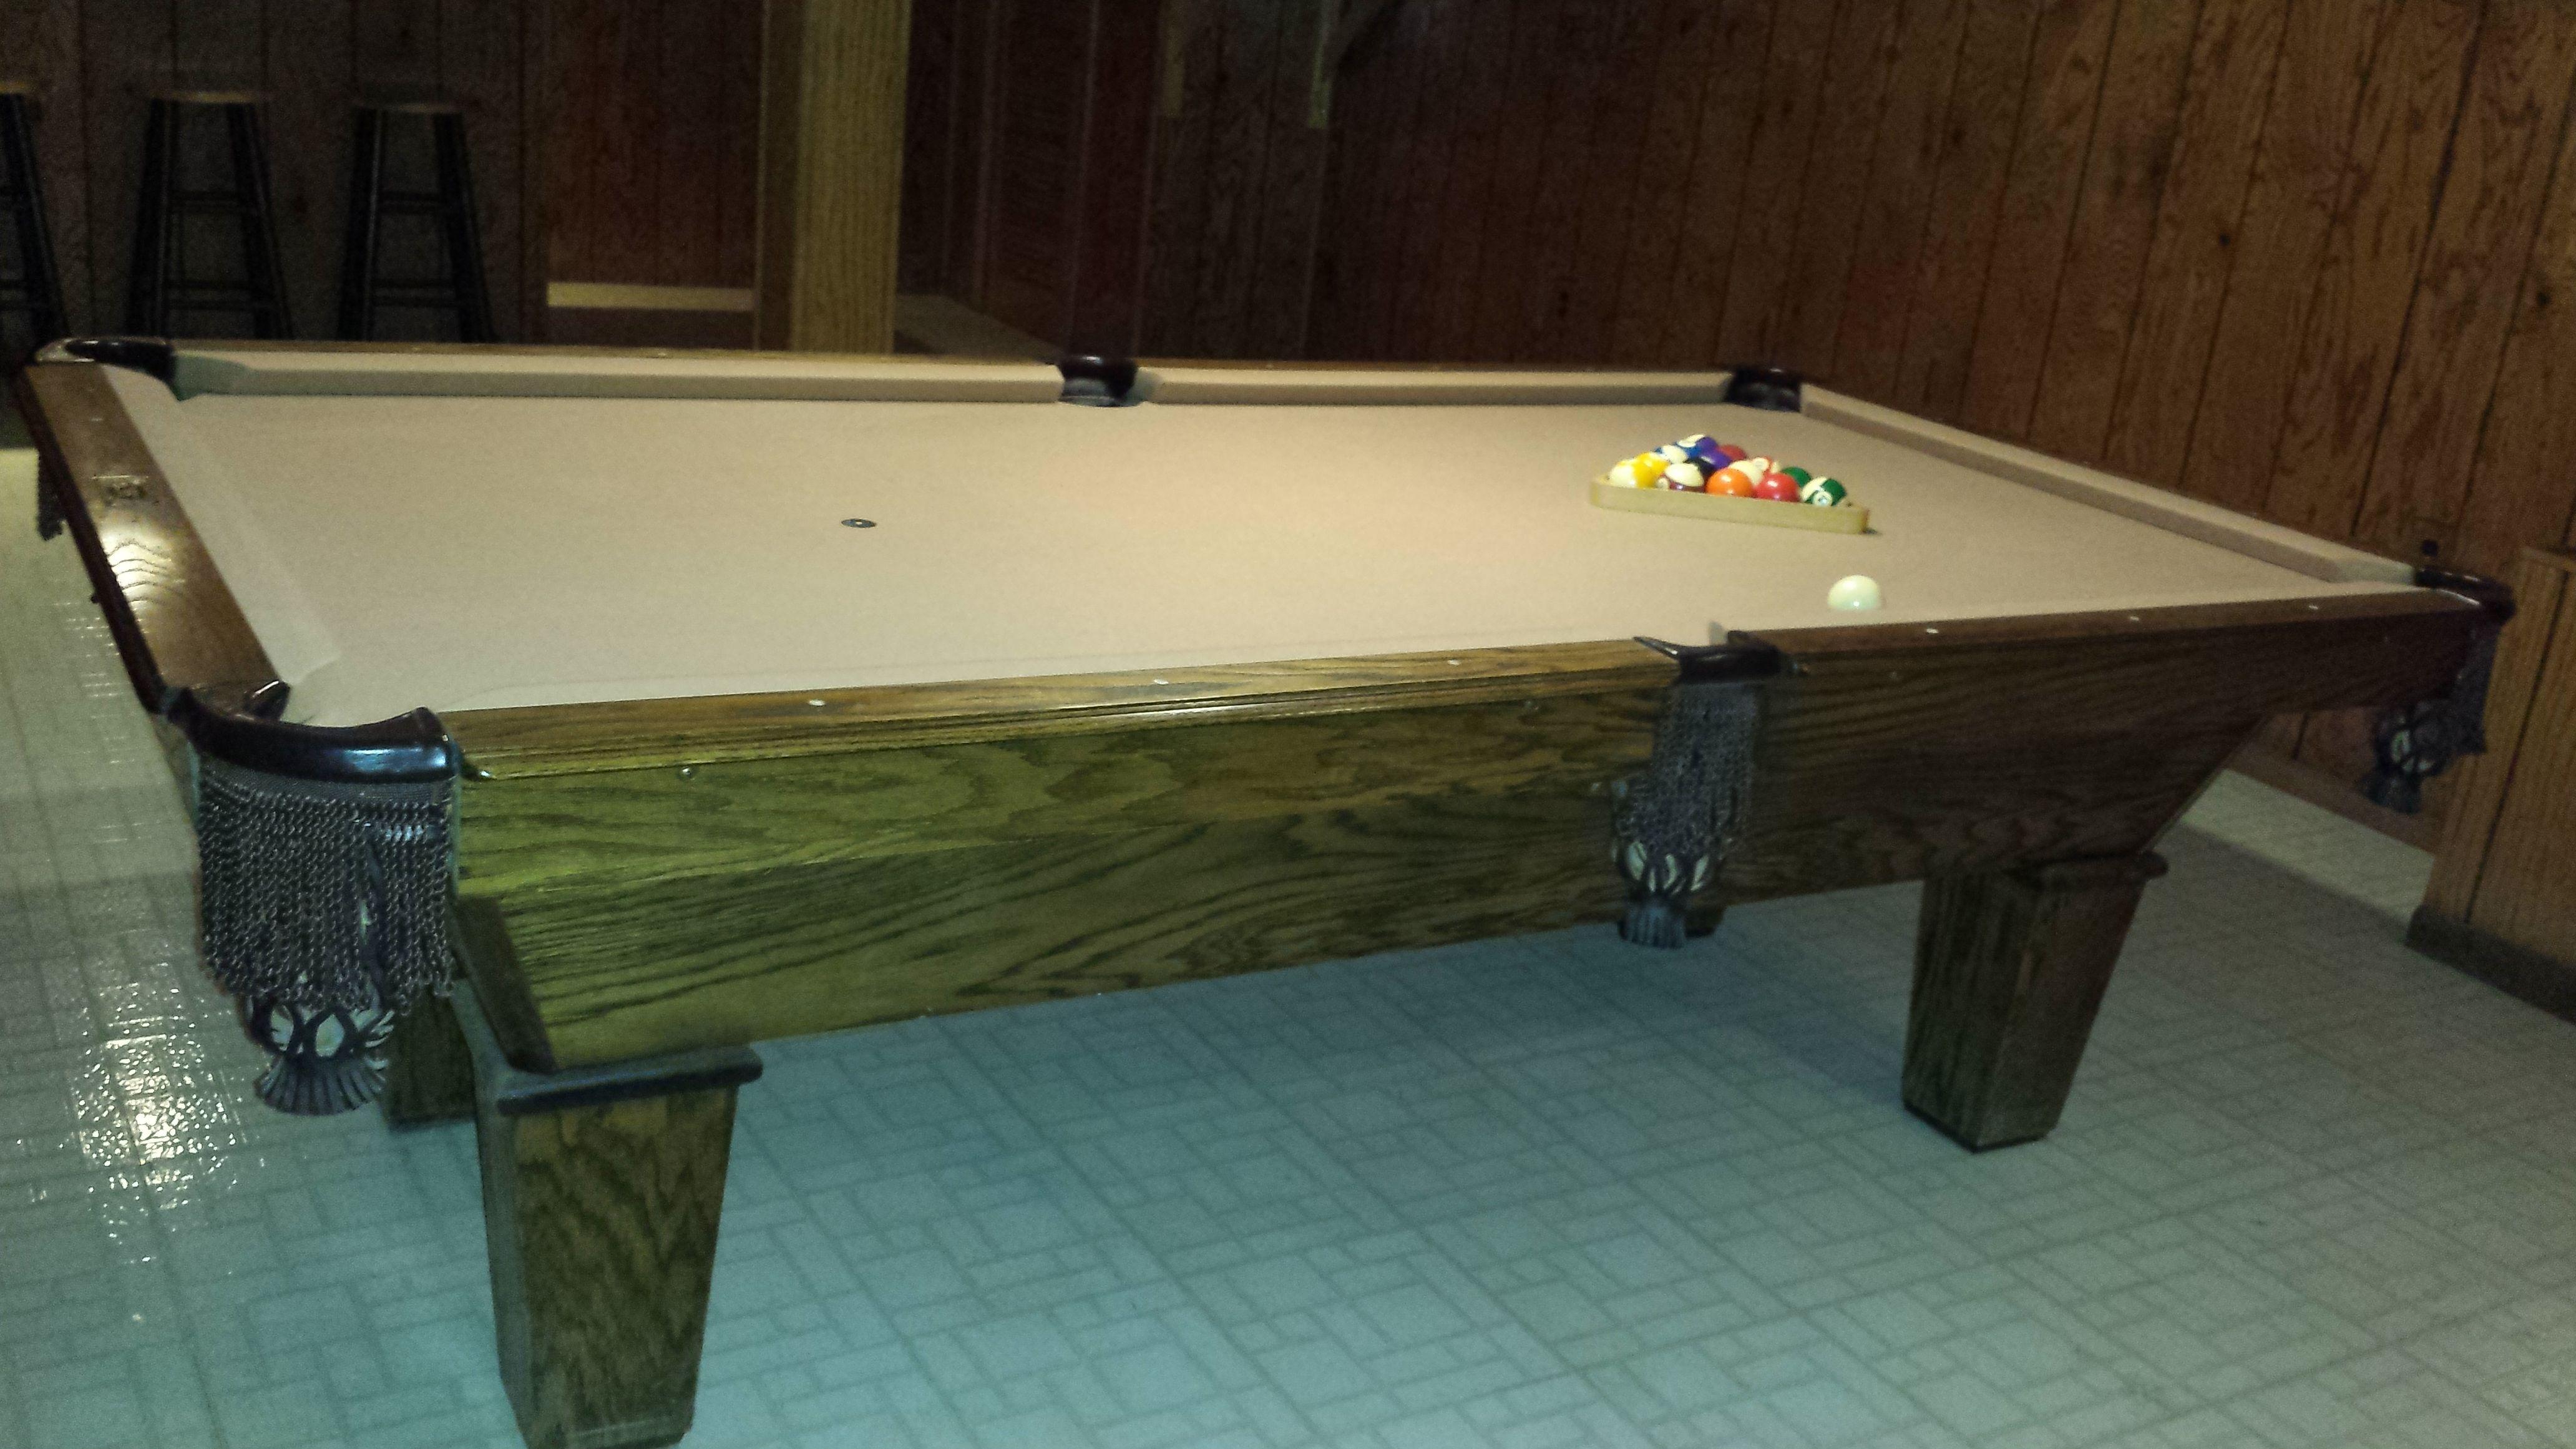 World Of Leisure Billiards Pool Table 8'